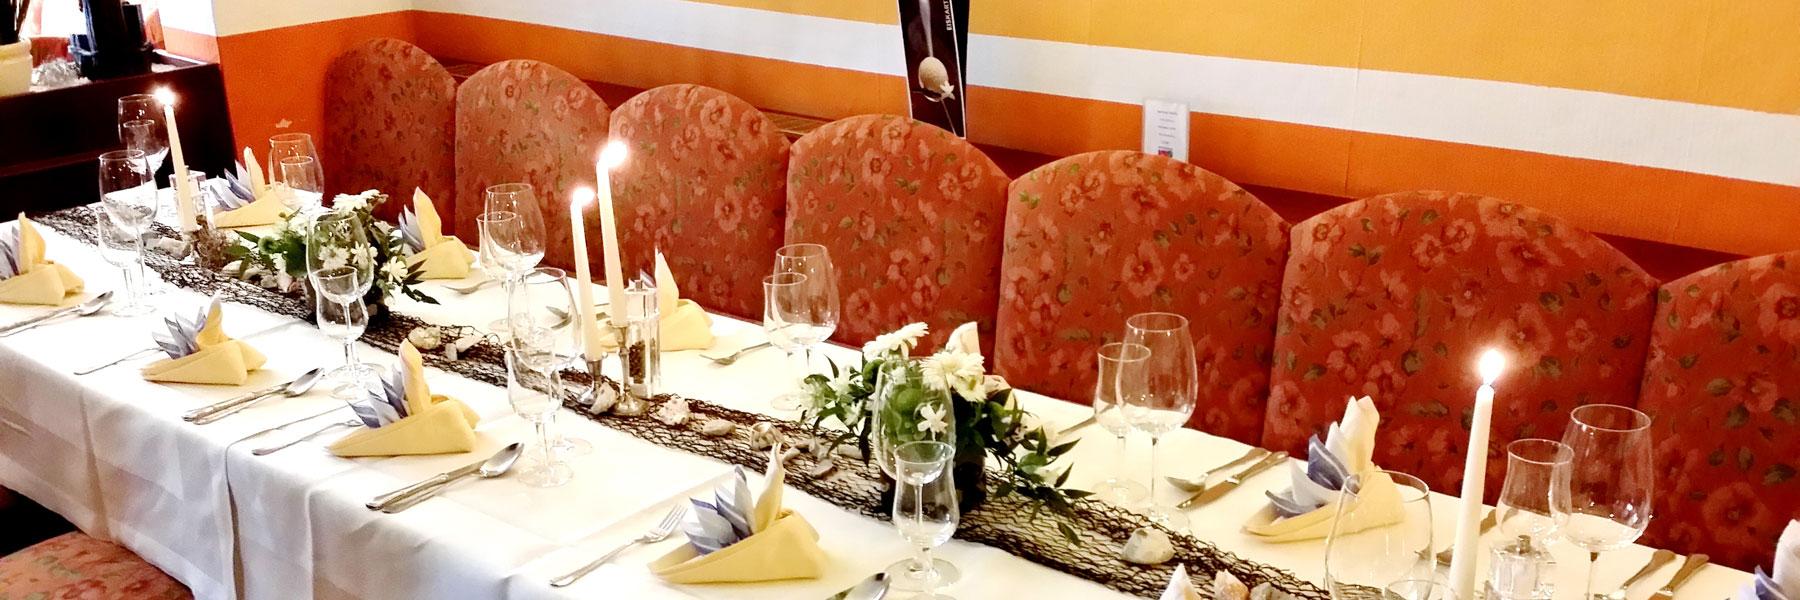 festliche Tafel - Hotel und Restaurant Kähler